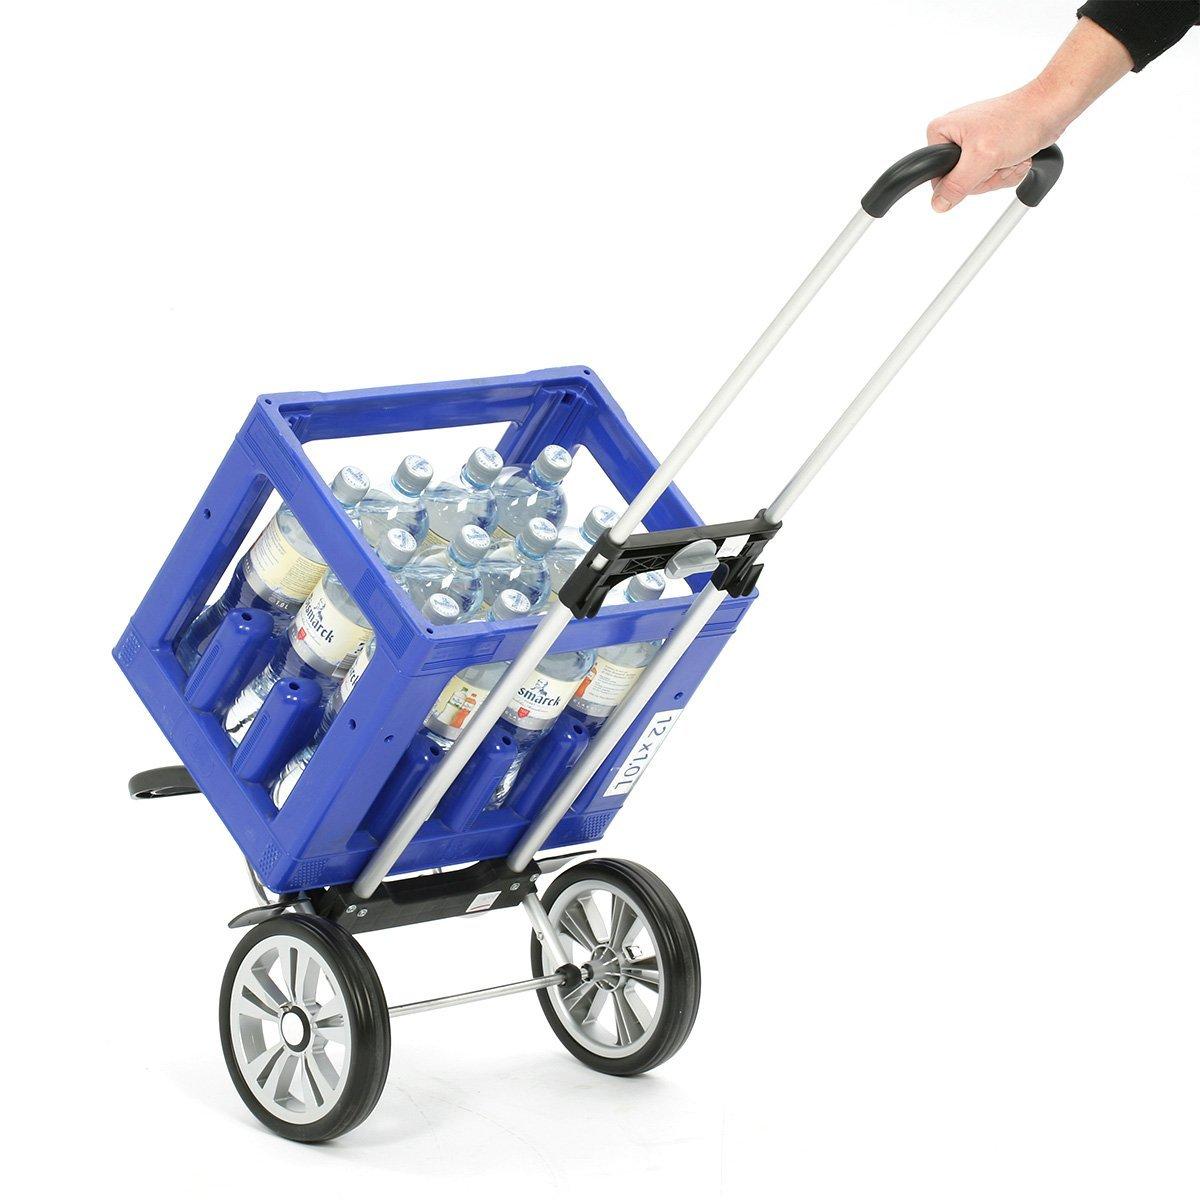 Andersen Shopper Alu Star mit Kühlfach / Die beliebtesten Einkaufstrolleys Q1/2019